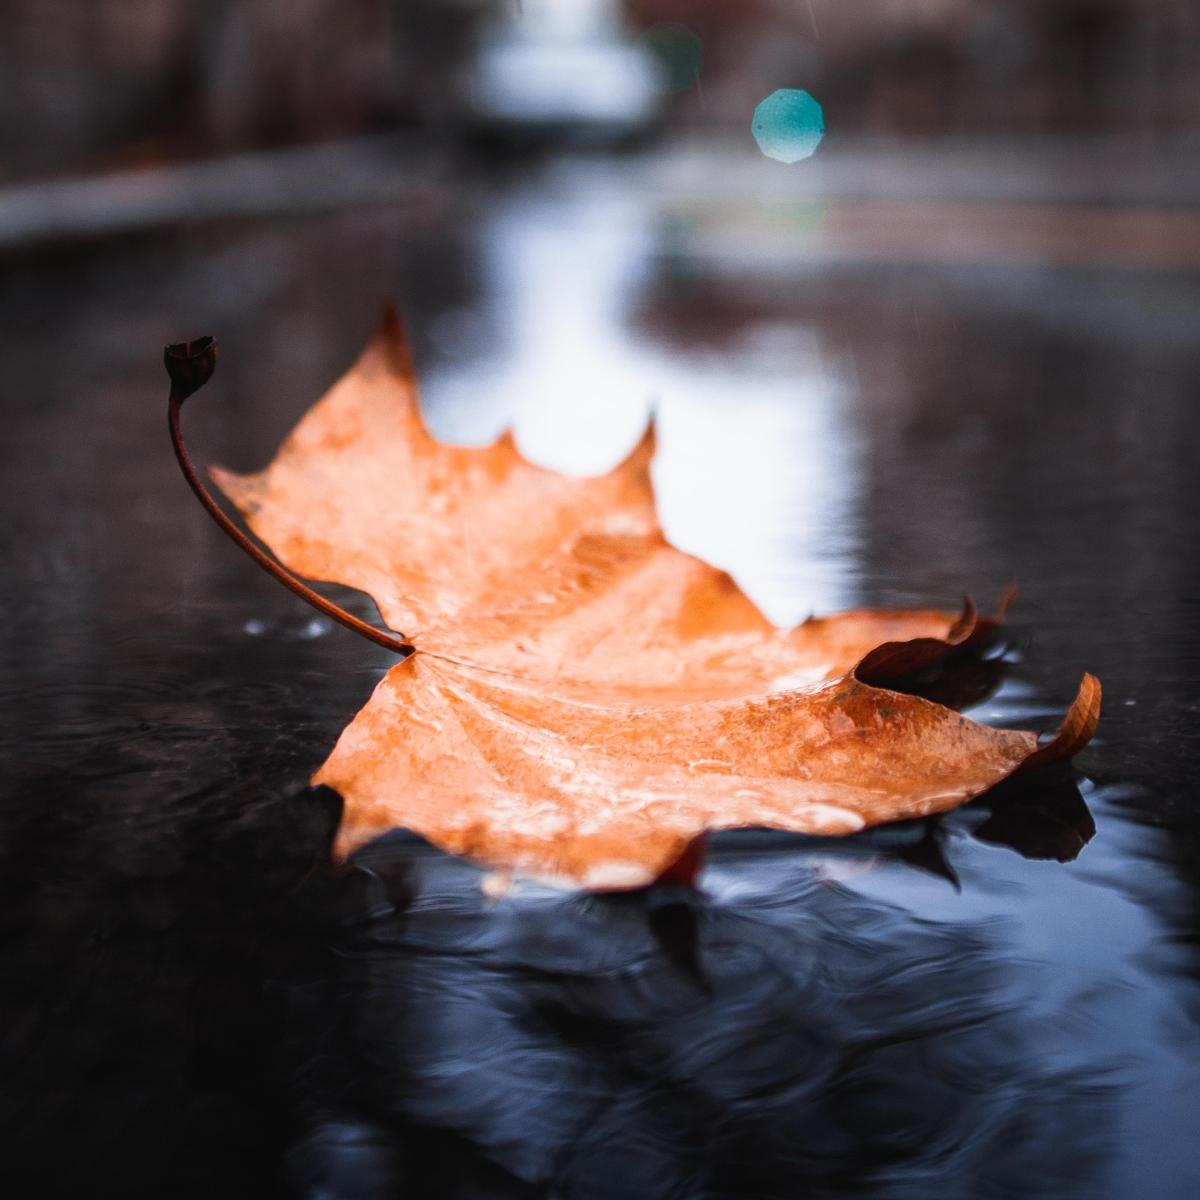 تصاویر نگارخانه متن نگار , غمگین, پاییز, تنهایی